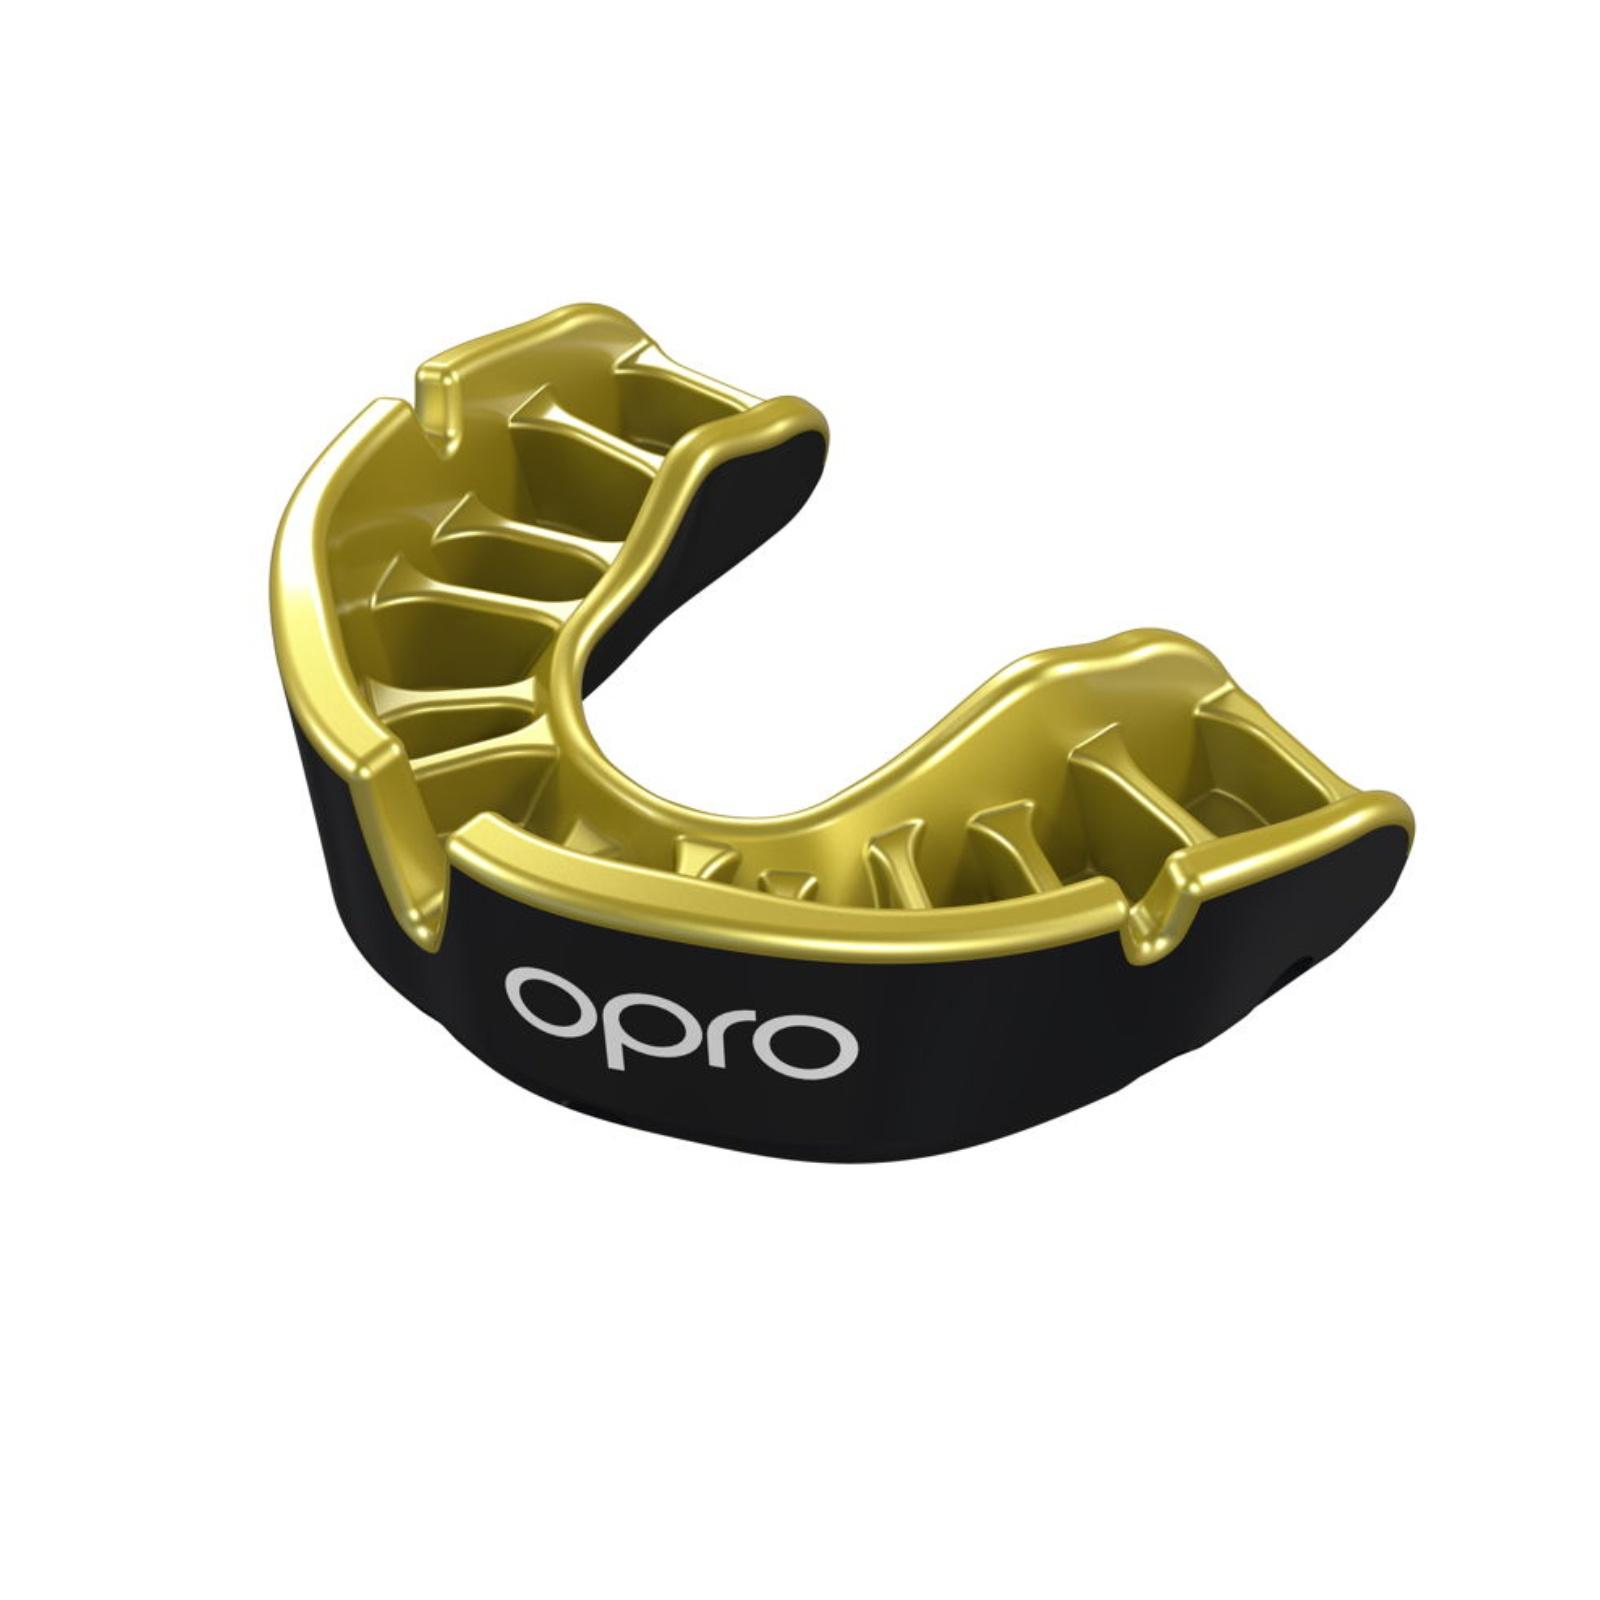 Chránič zubů OPRO Gold senior - černý